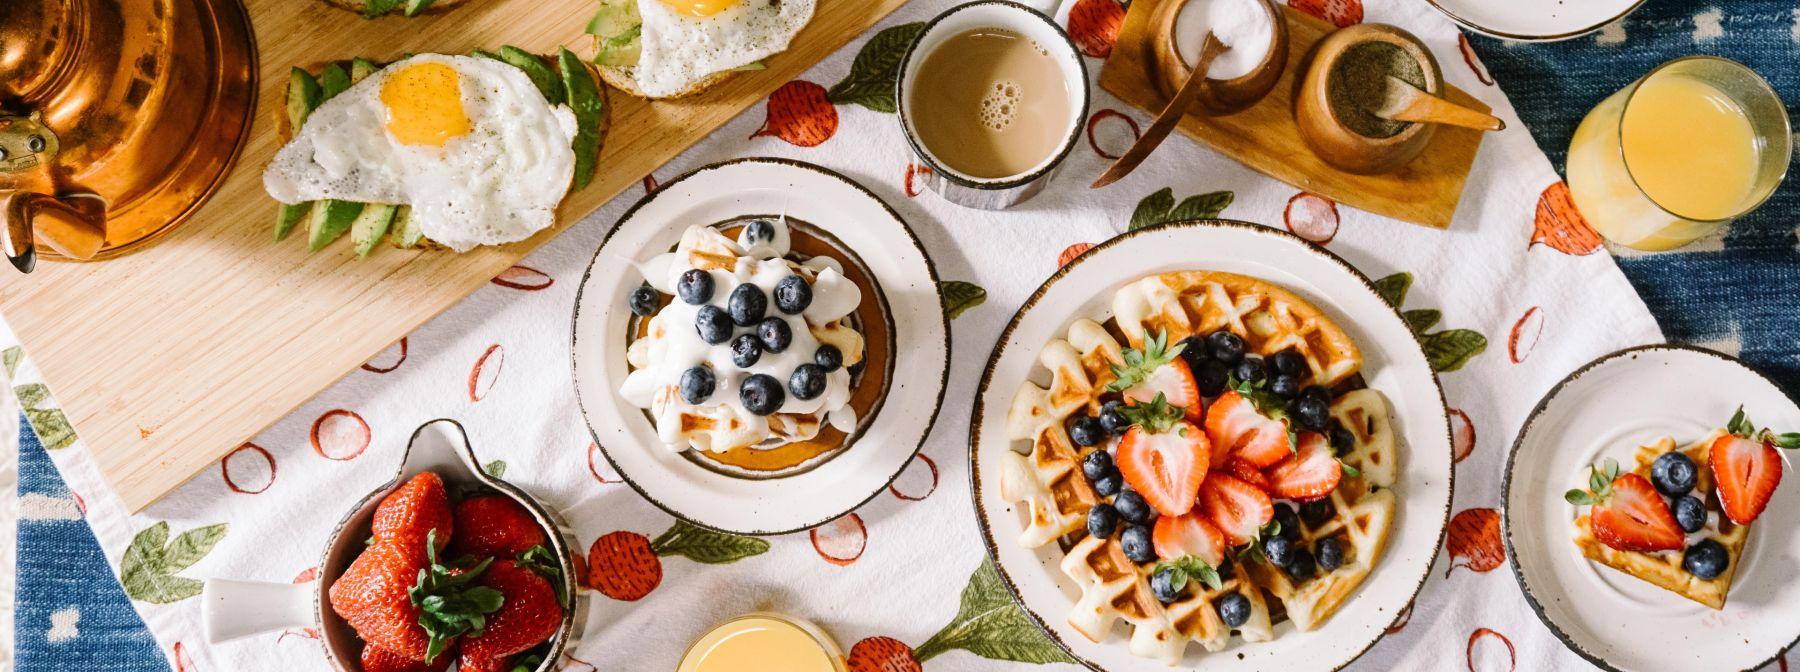 9 Petits-déjeuners sains parfaits pour prendre sur le pouce